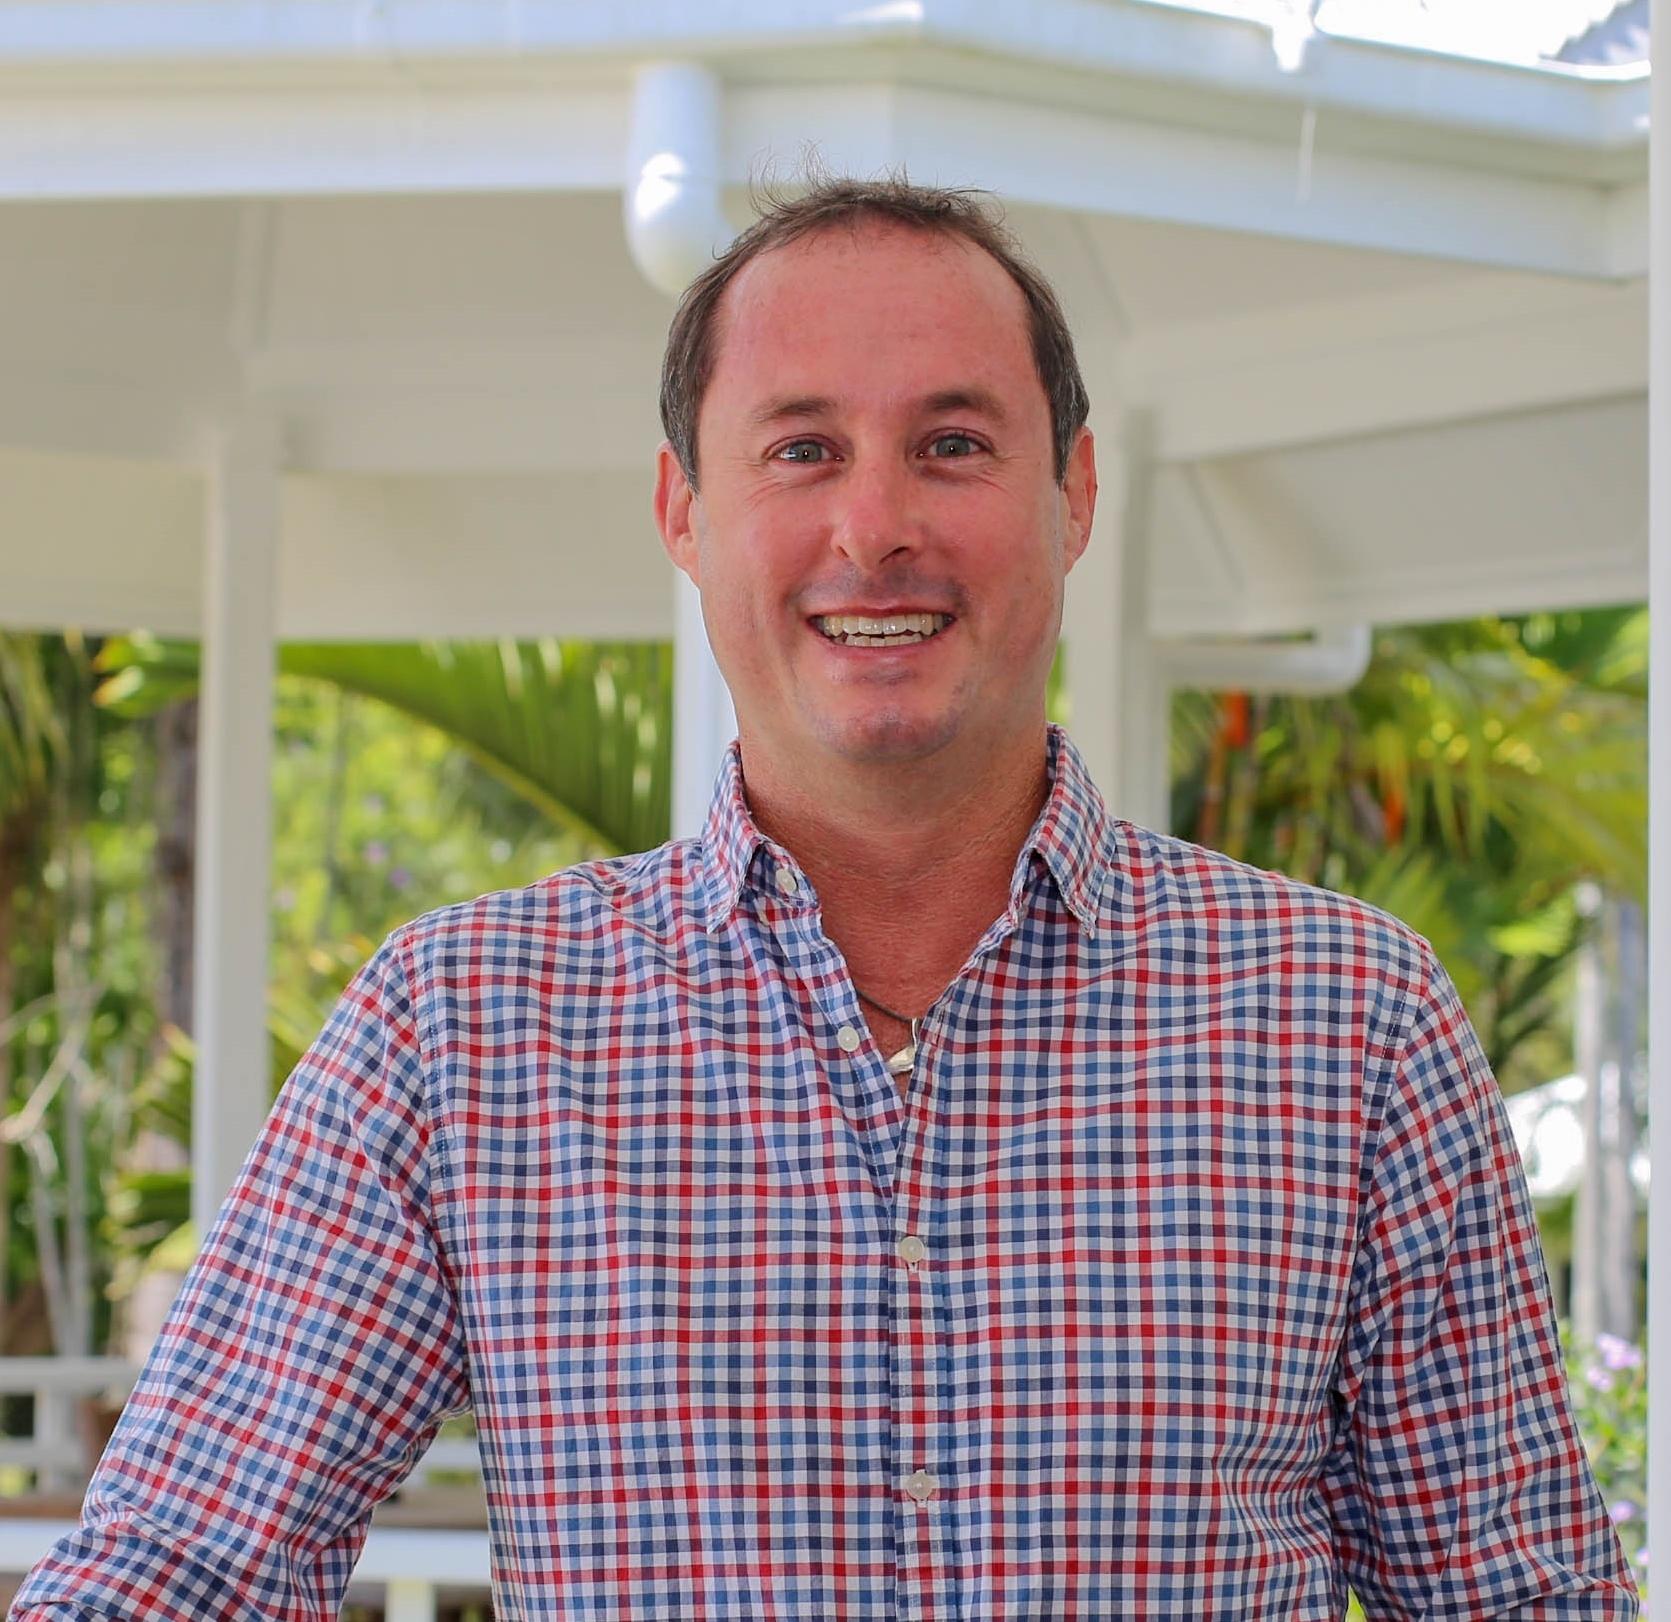 Joel Van Kalken